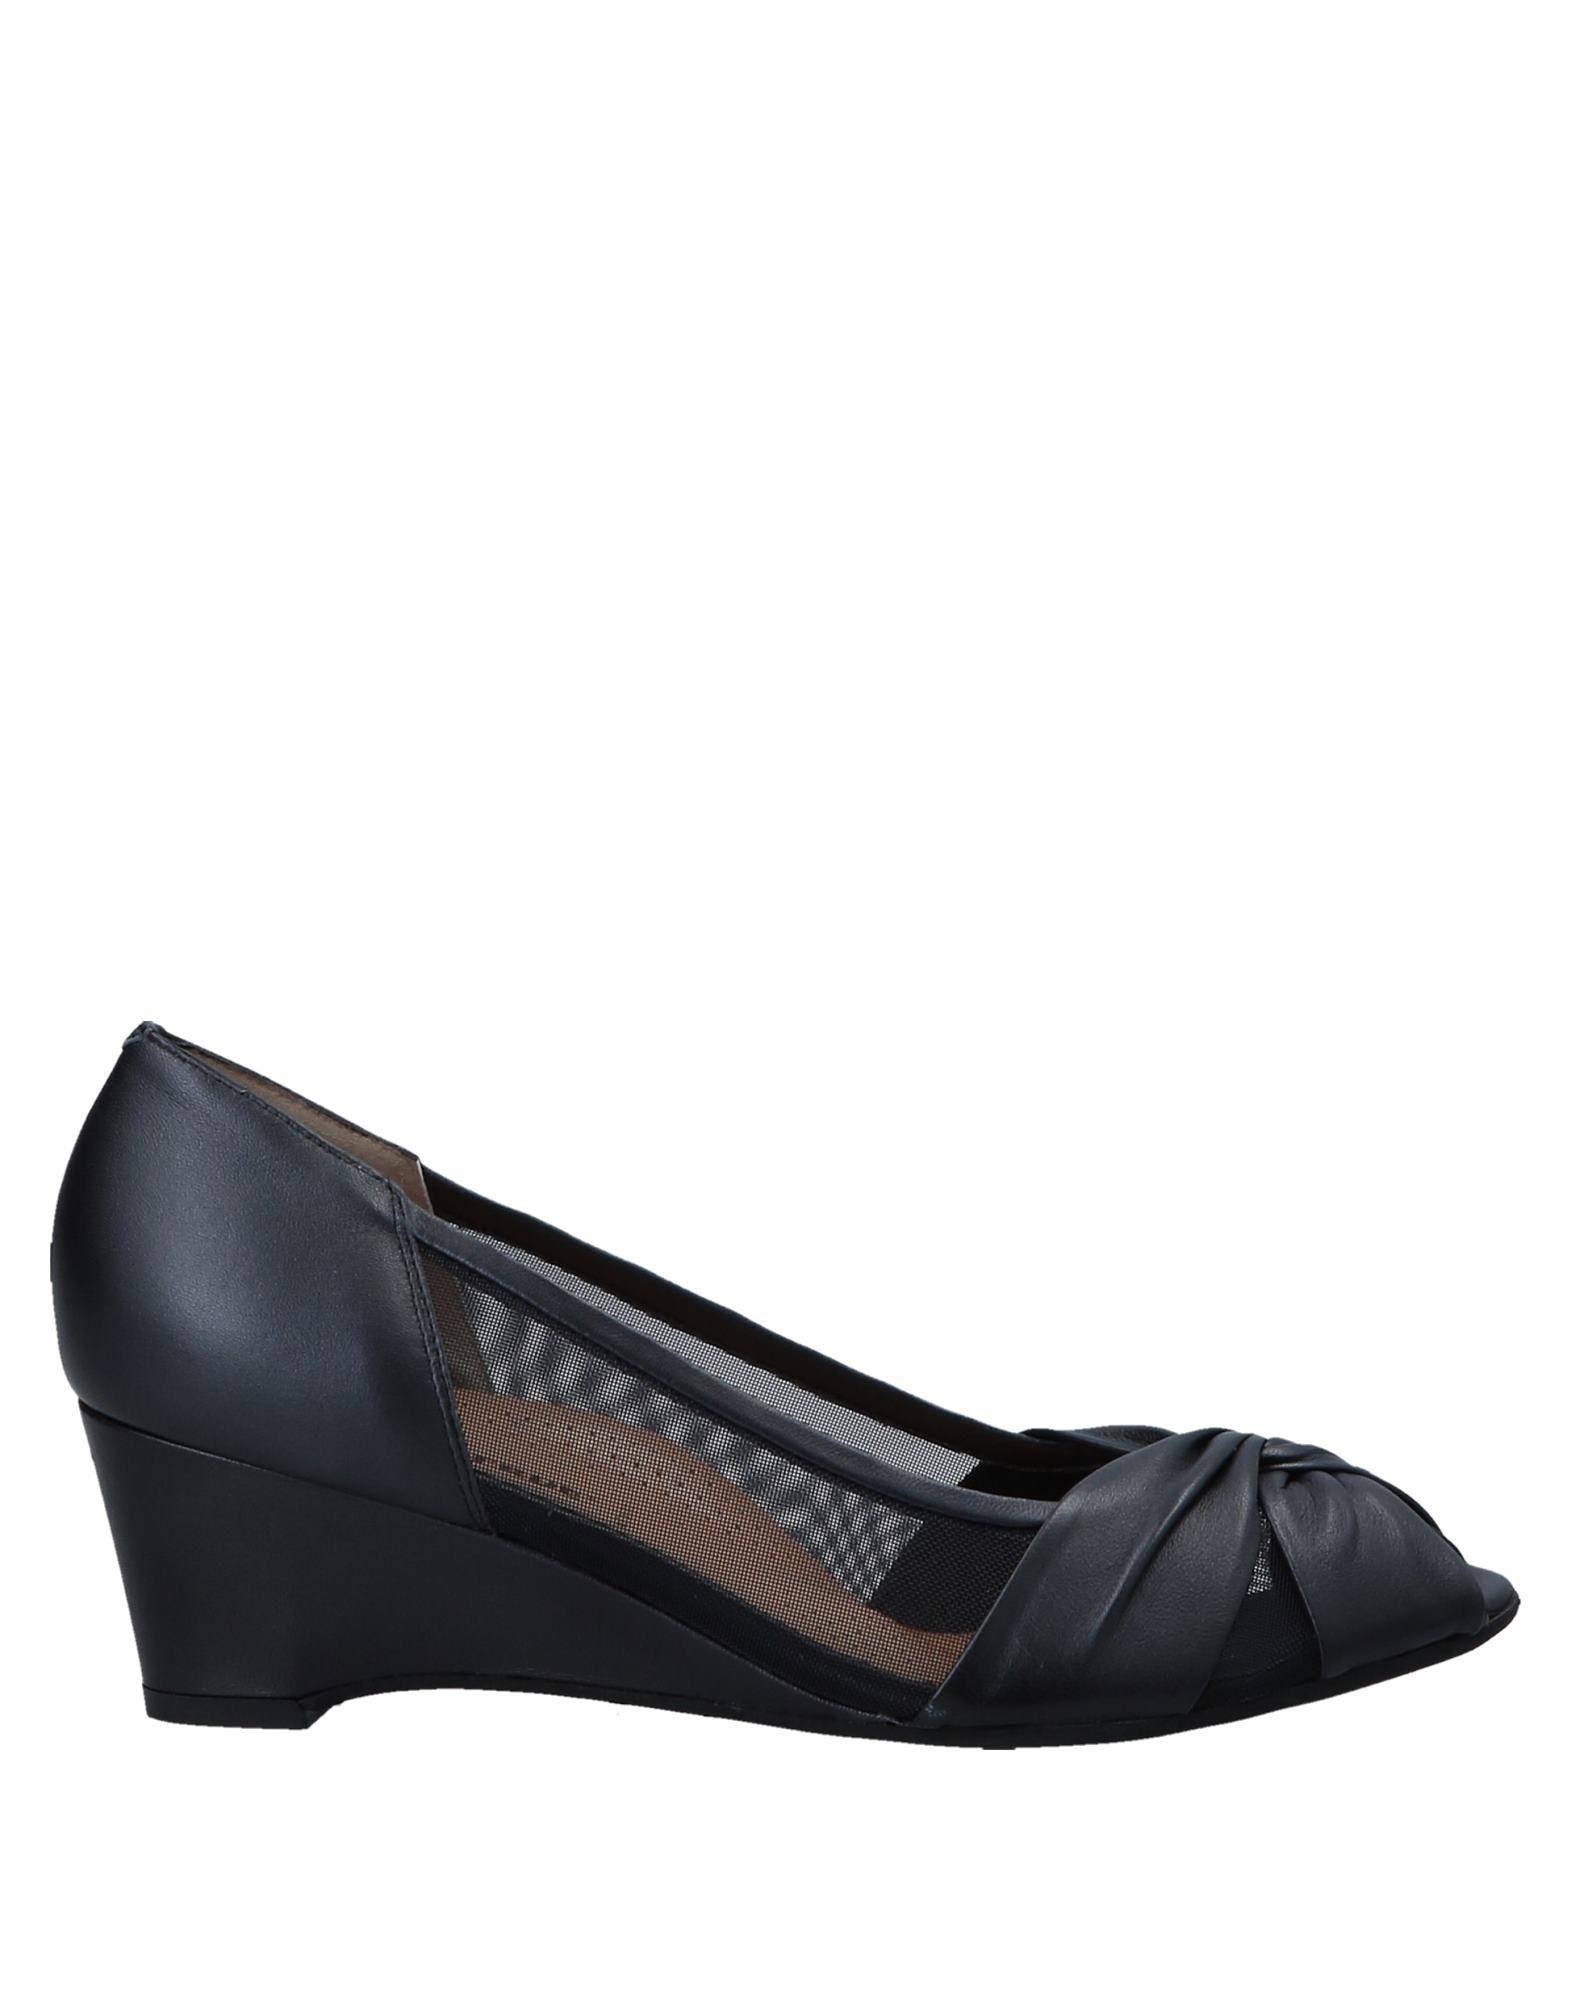 Valleverde Pumps Damen  11553106JA Gute Qualität beliebte Schuhe